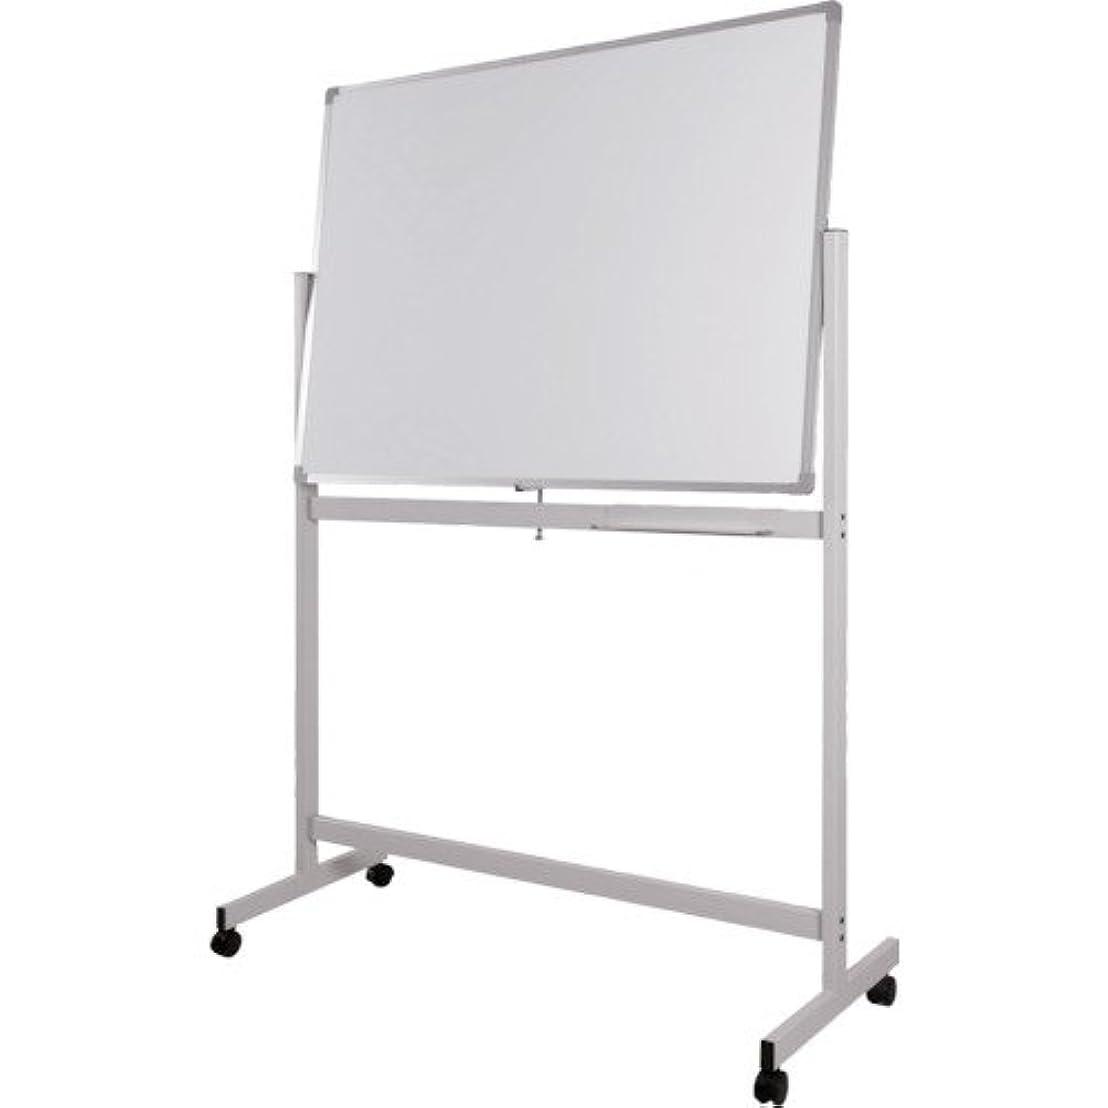 透けるいっぱいあそこトラスコ中山 WRITEBEST 回転ボード両面 白×白 1200×1500 DPS45